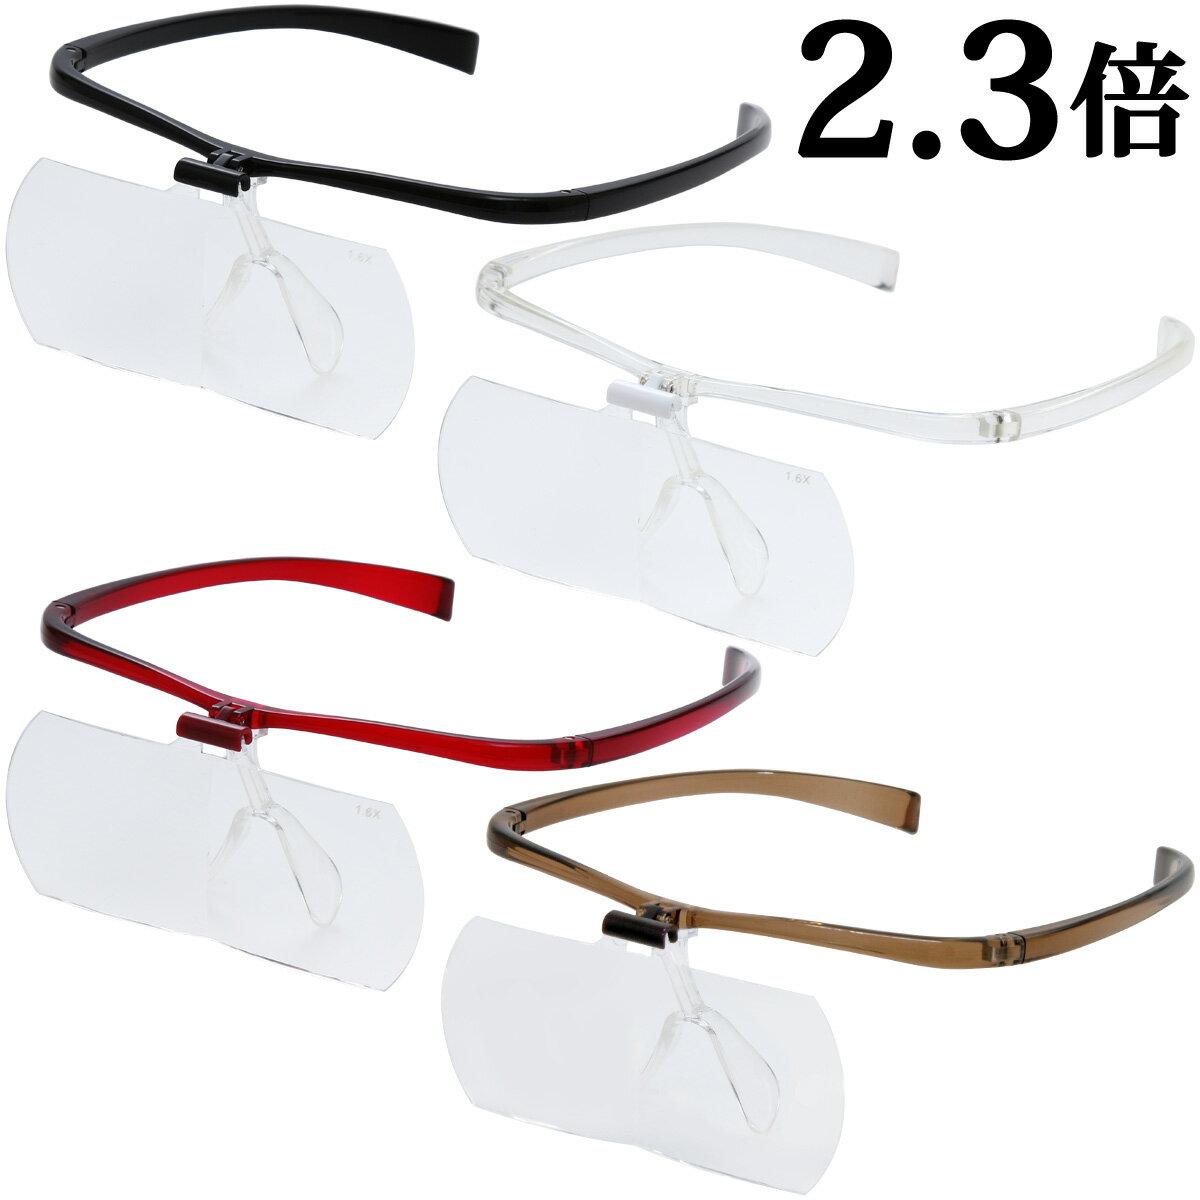 双眼メガネルーペ メガネタイプ 2.3倍 HF-61F メガネ型ルーペ 跳ね上げ メガネの上から クリアルーペ 手芸 拡大鏡 まつげエクステ 池田レンズ アウトレット